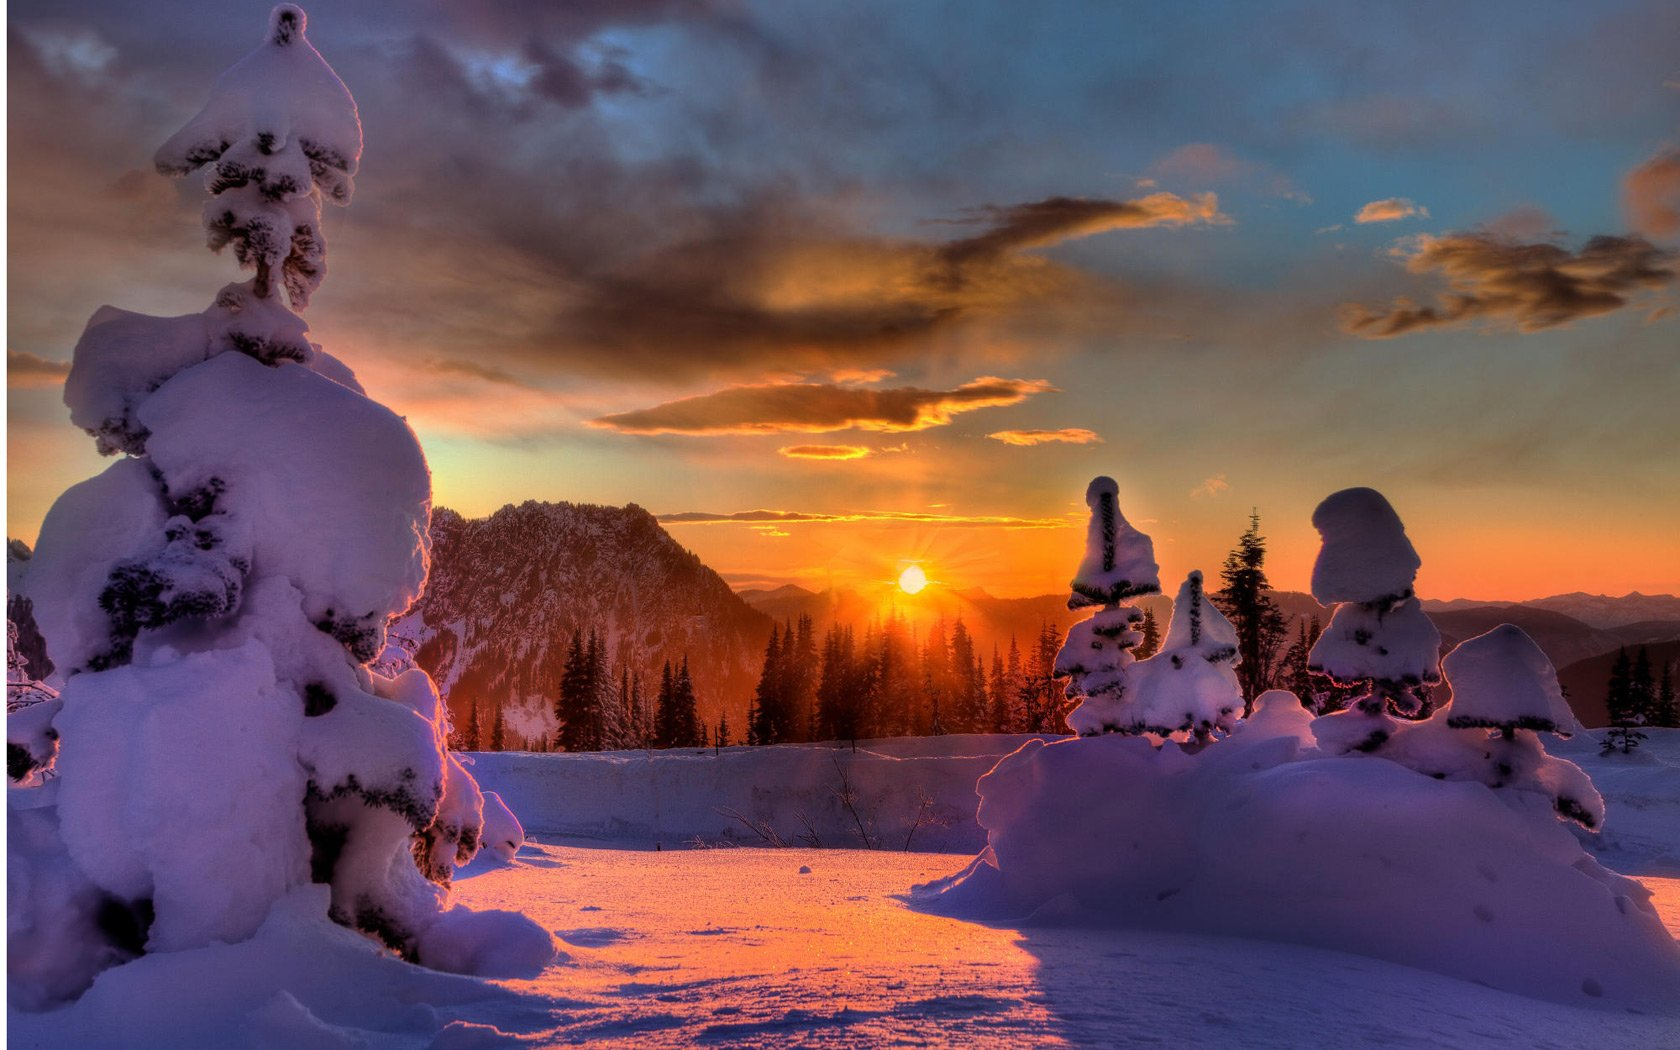 хорошие зимние картинки вполне